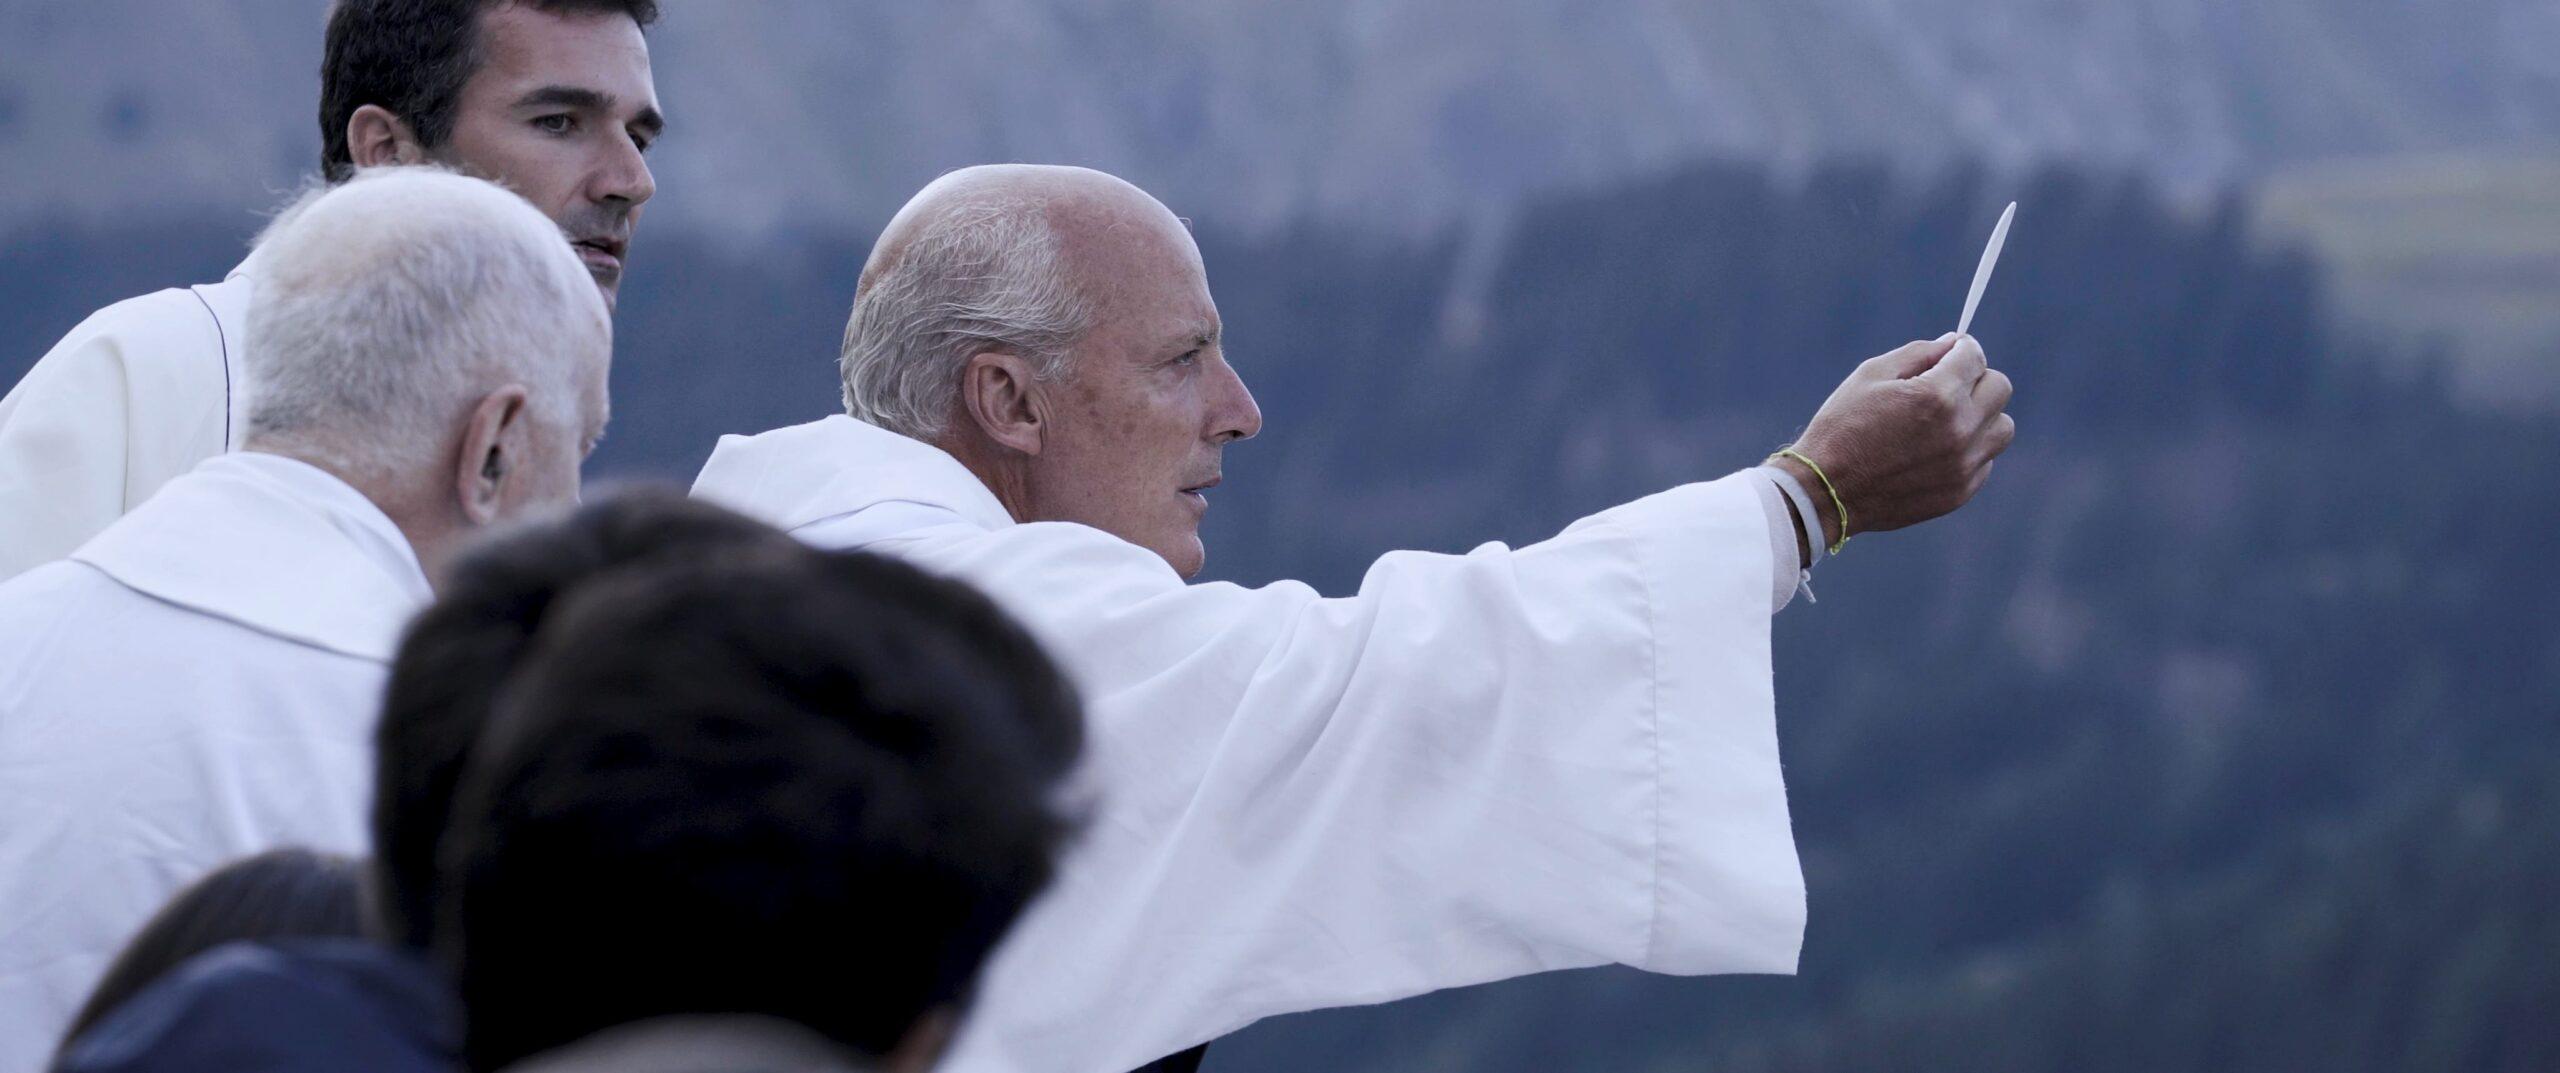 'Vivo': una película de la Hostia